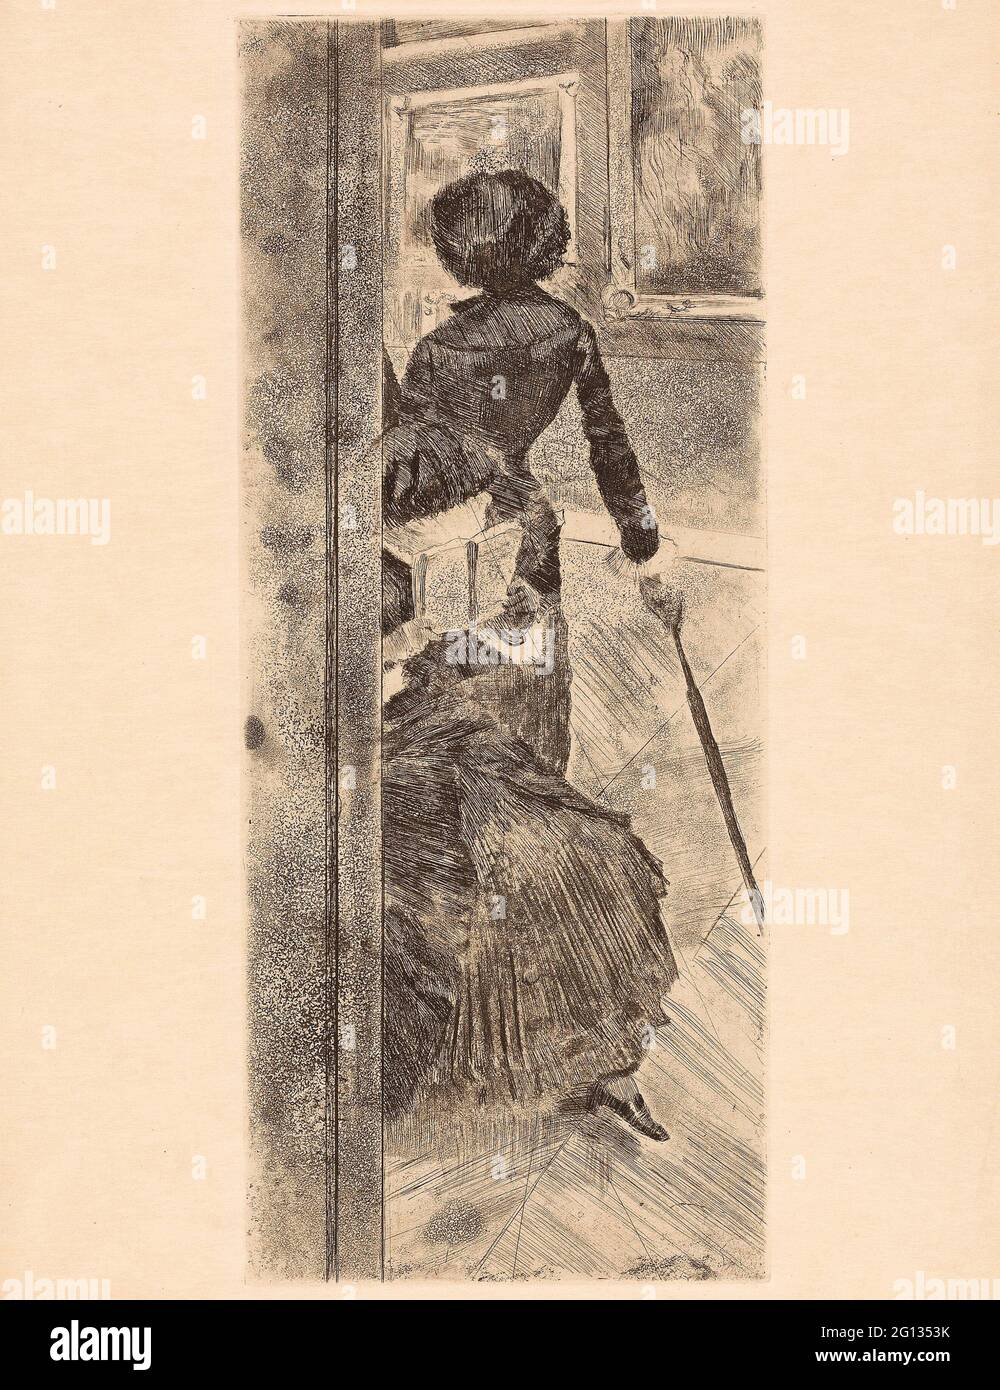 Auteur: Hilaire Germain Edgar Degas. Mary Cassatt au Louvre : la galerie de peintures - 1879 - 80 - Edgar Degas French, 1834-1917. Gravure, douce Banque D'Images